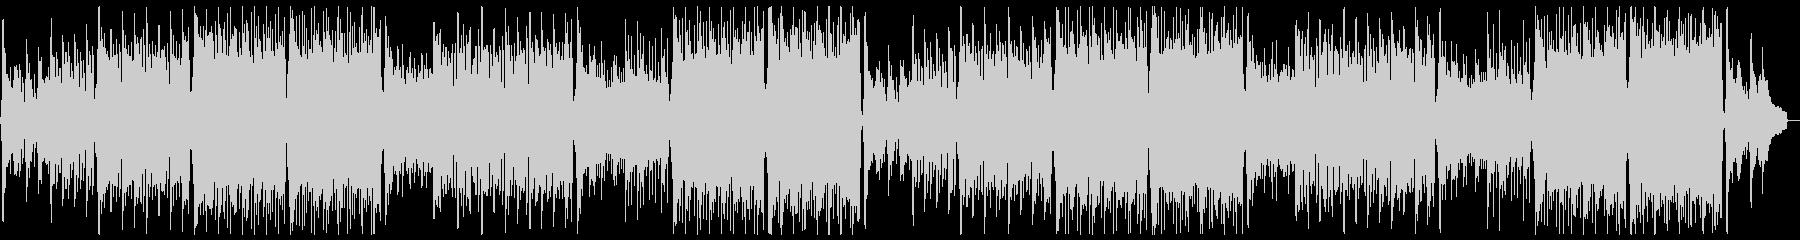 明るく前向きなトロピカルハウス:フルx2の未再生の波形